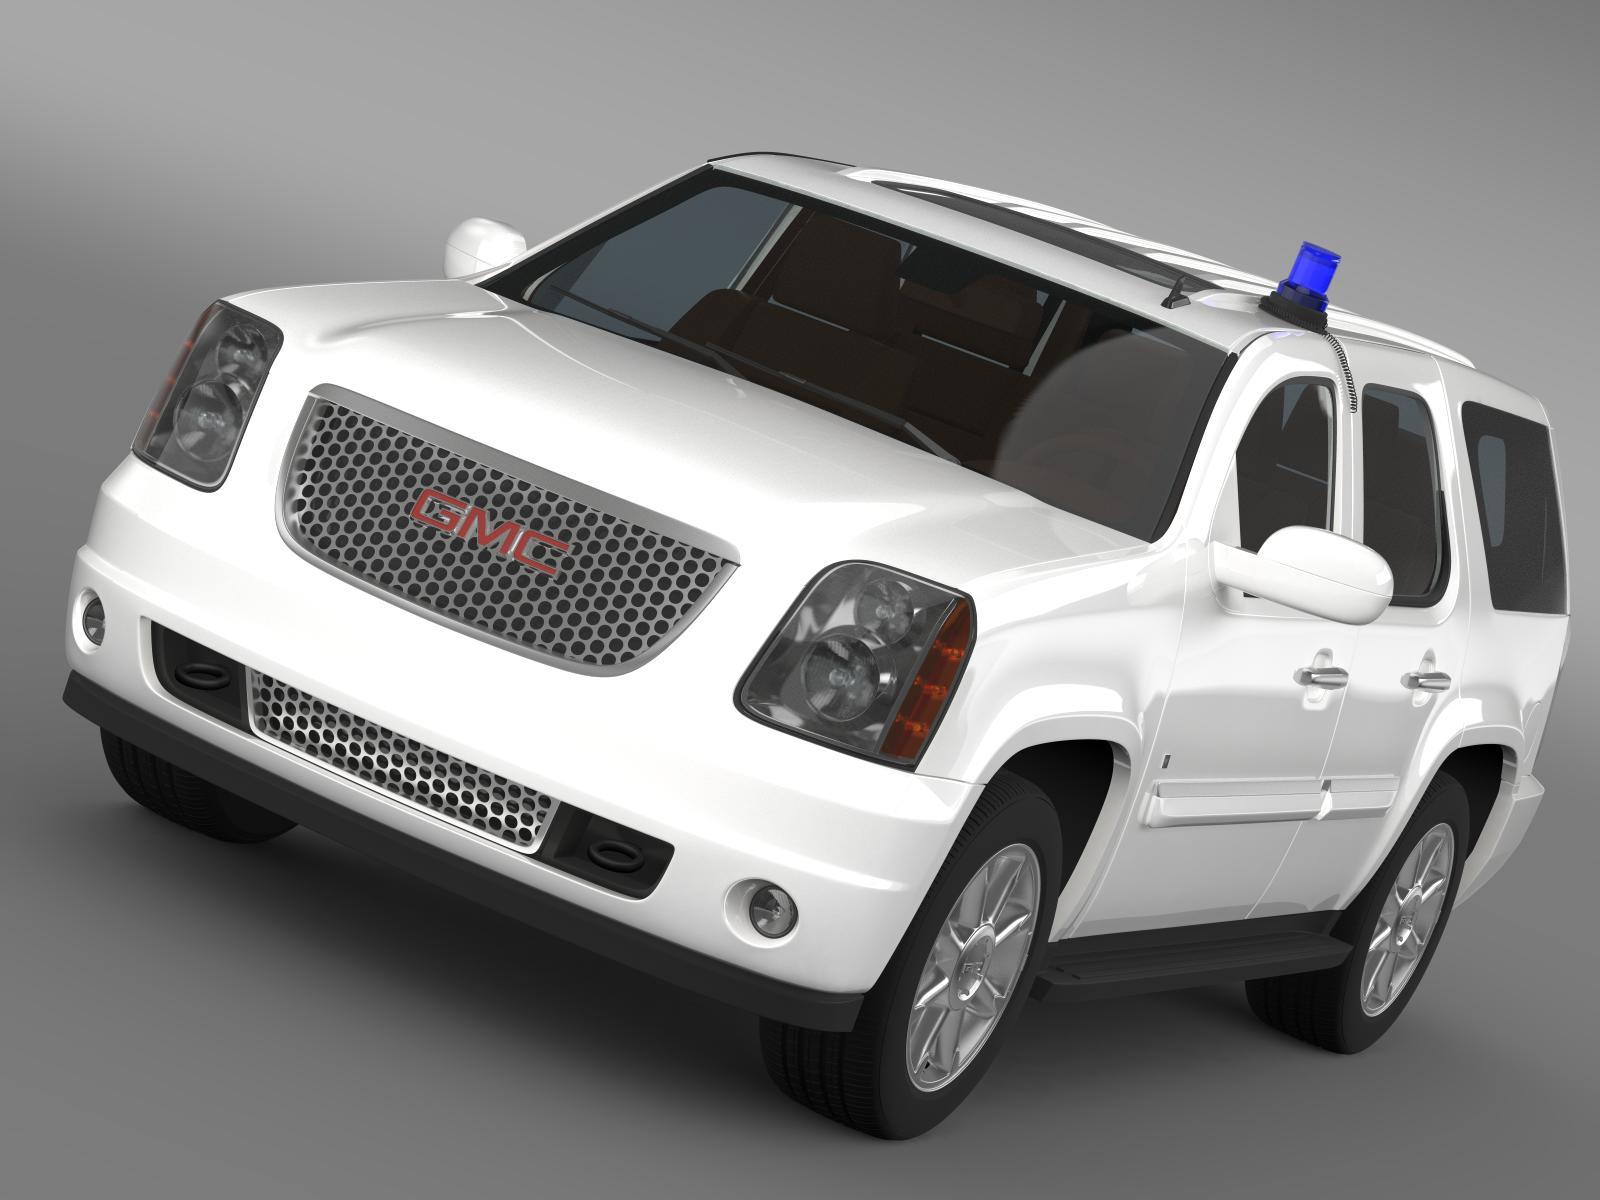 GMC Denali FBI 3d model 3ds max fbx c4d lwo lws lw ma mb  obj 203928